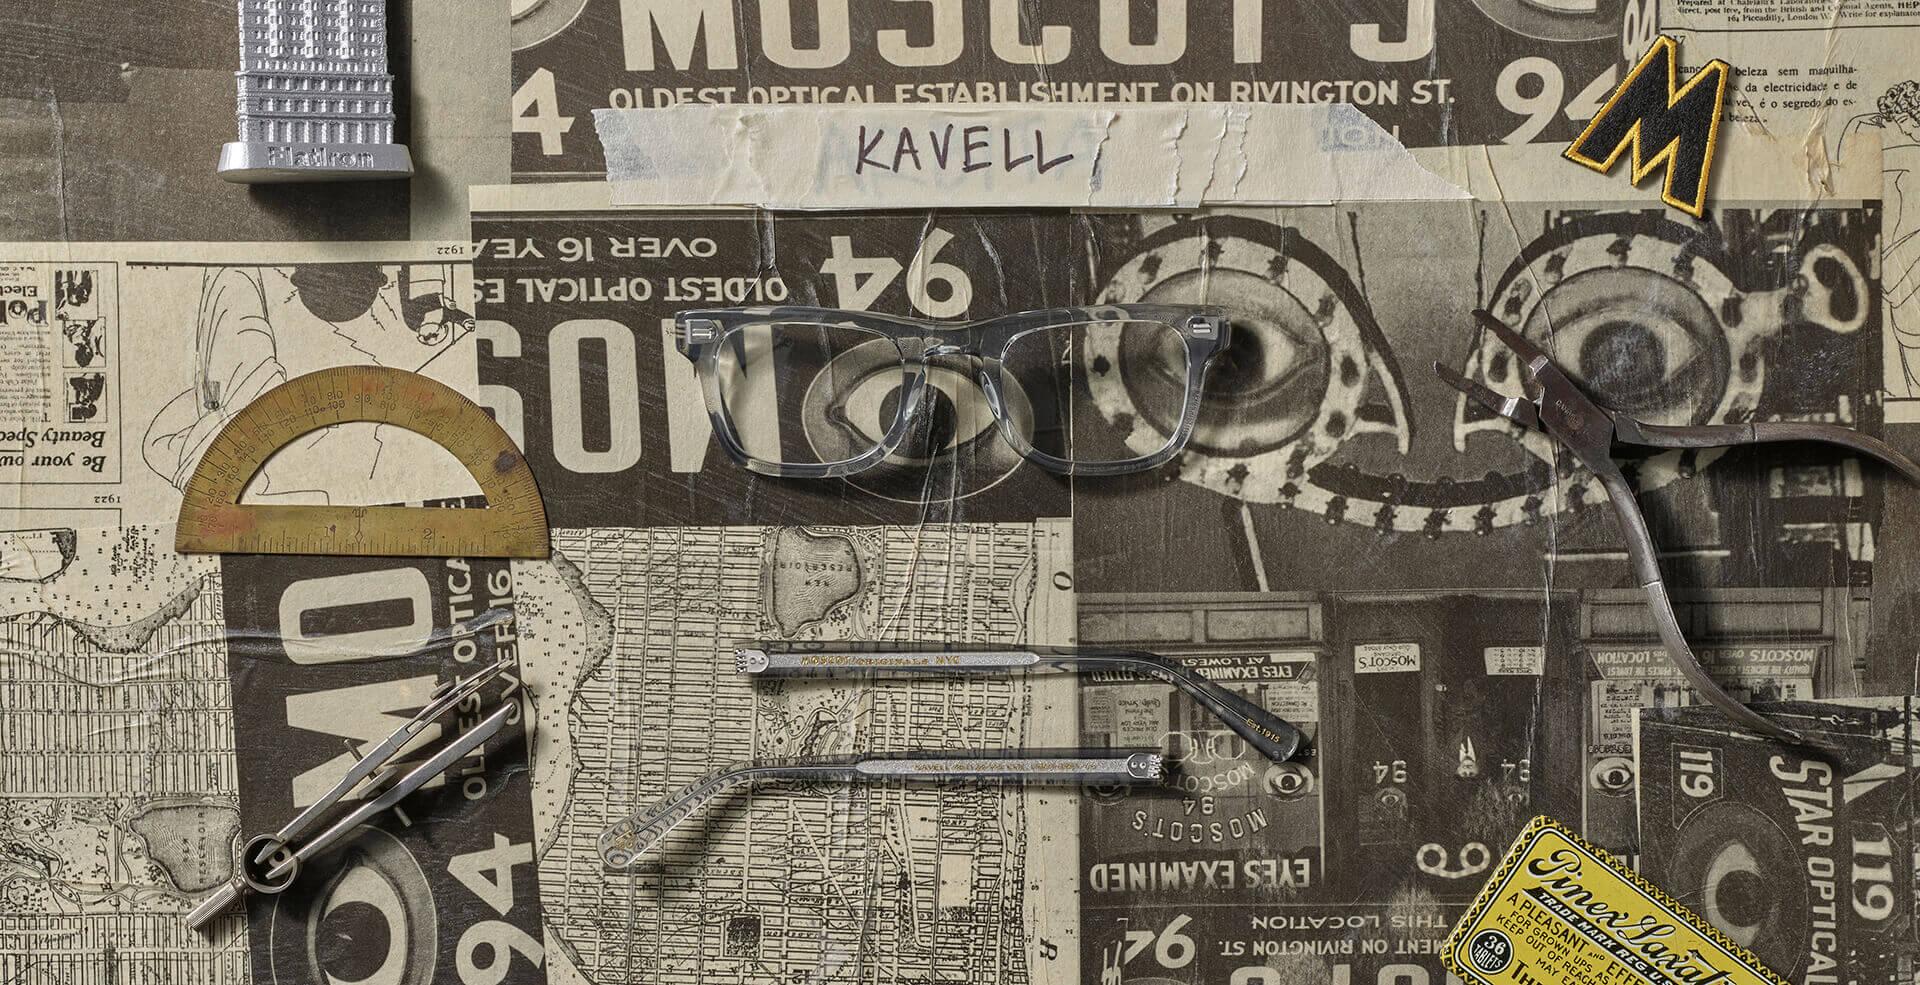 Disassembled KAVELL frame